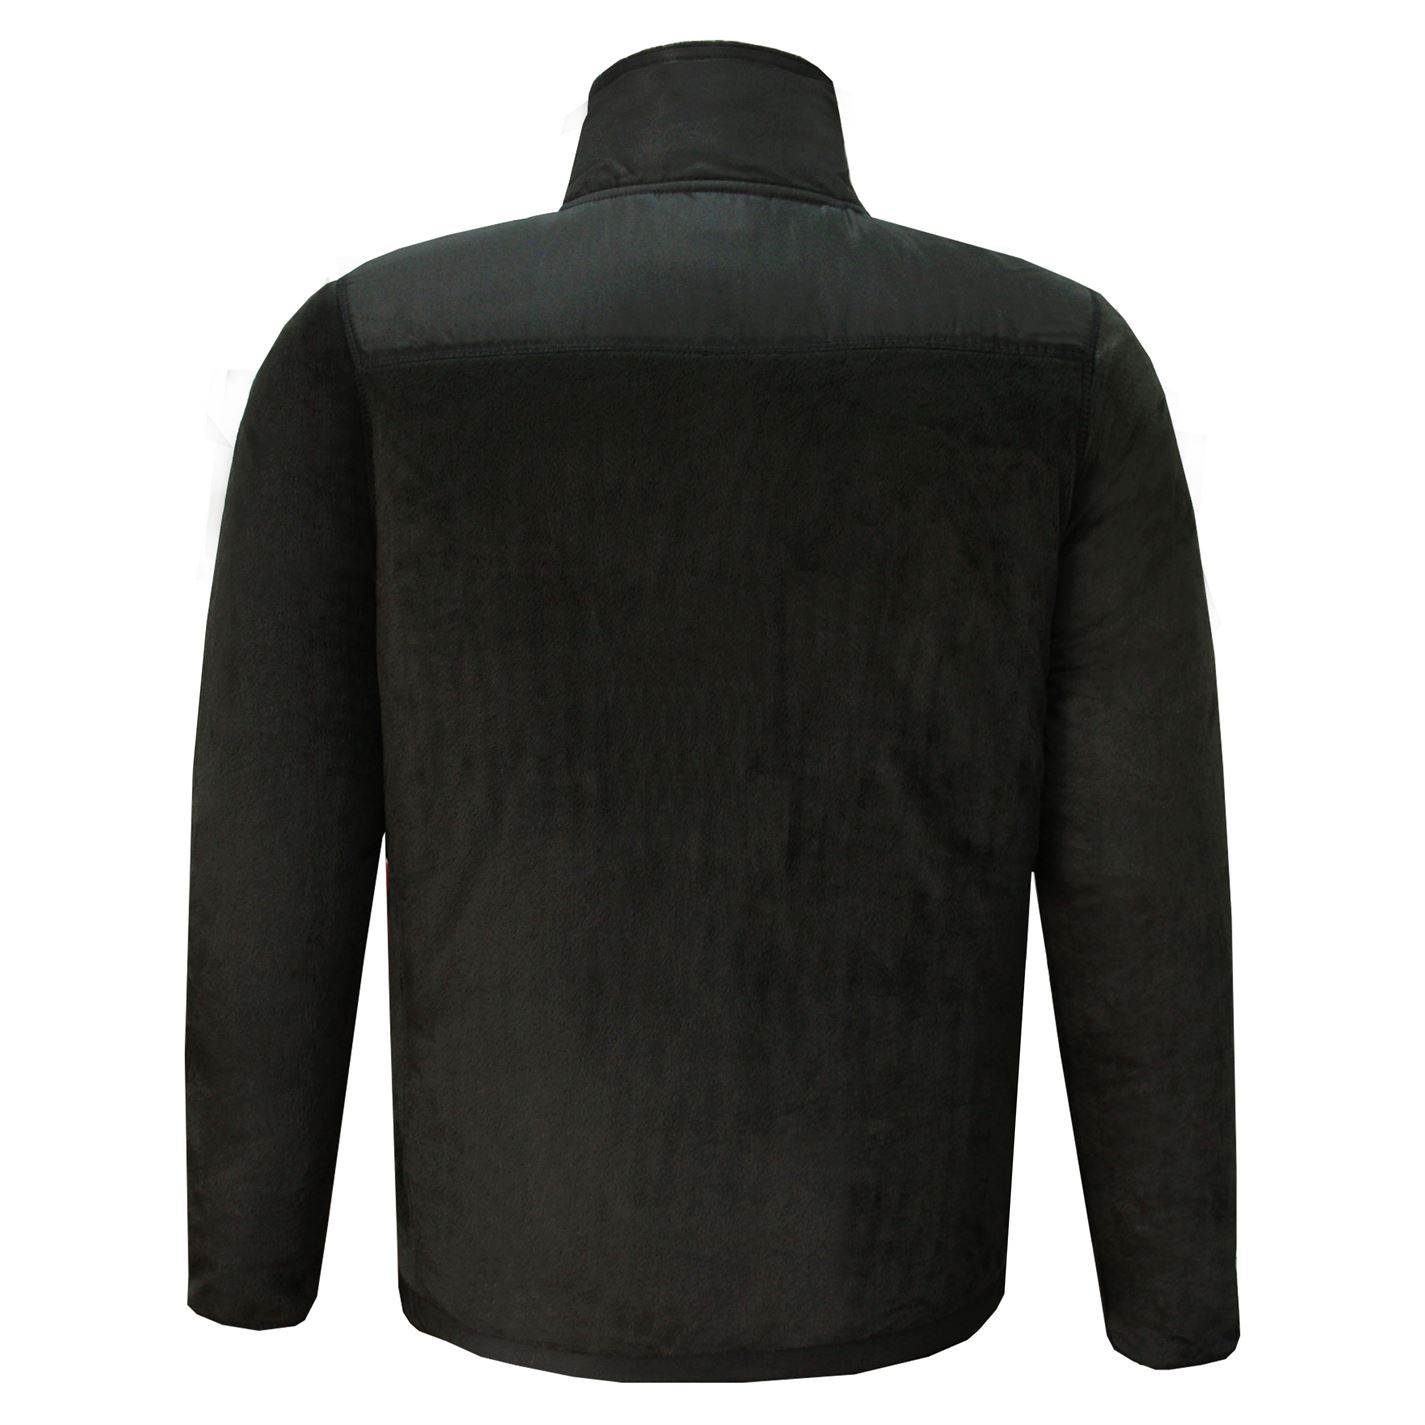 Lee-Cooper-Mens-Teddy-Fleece-Jacket-Full-Zip-Top-Coat-Sweatshirt-Jumper-Warm thumbnail 6